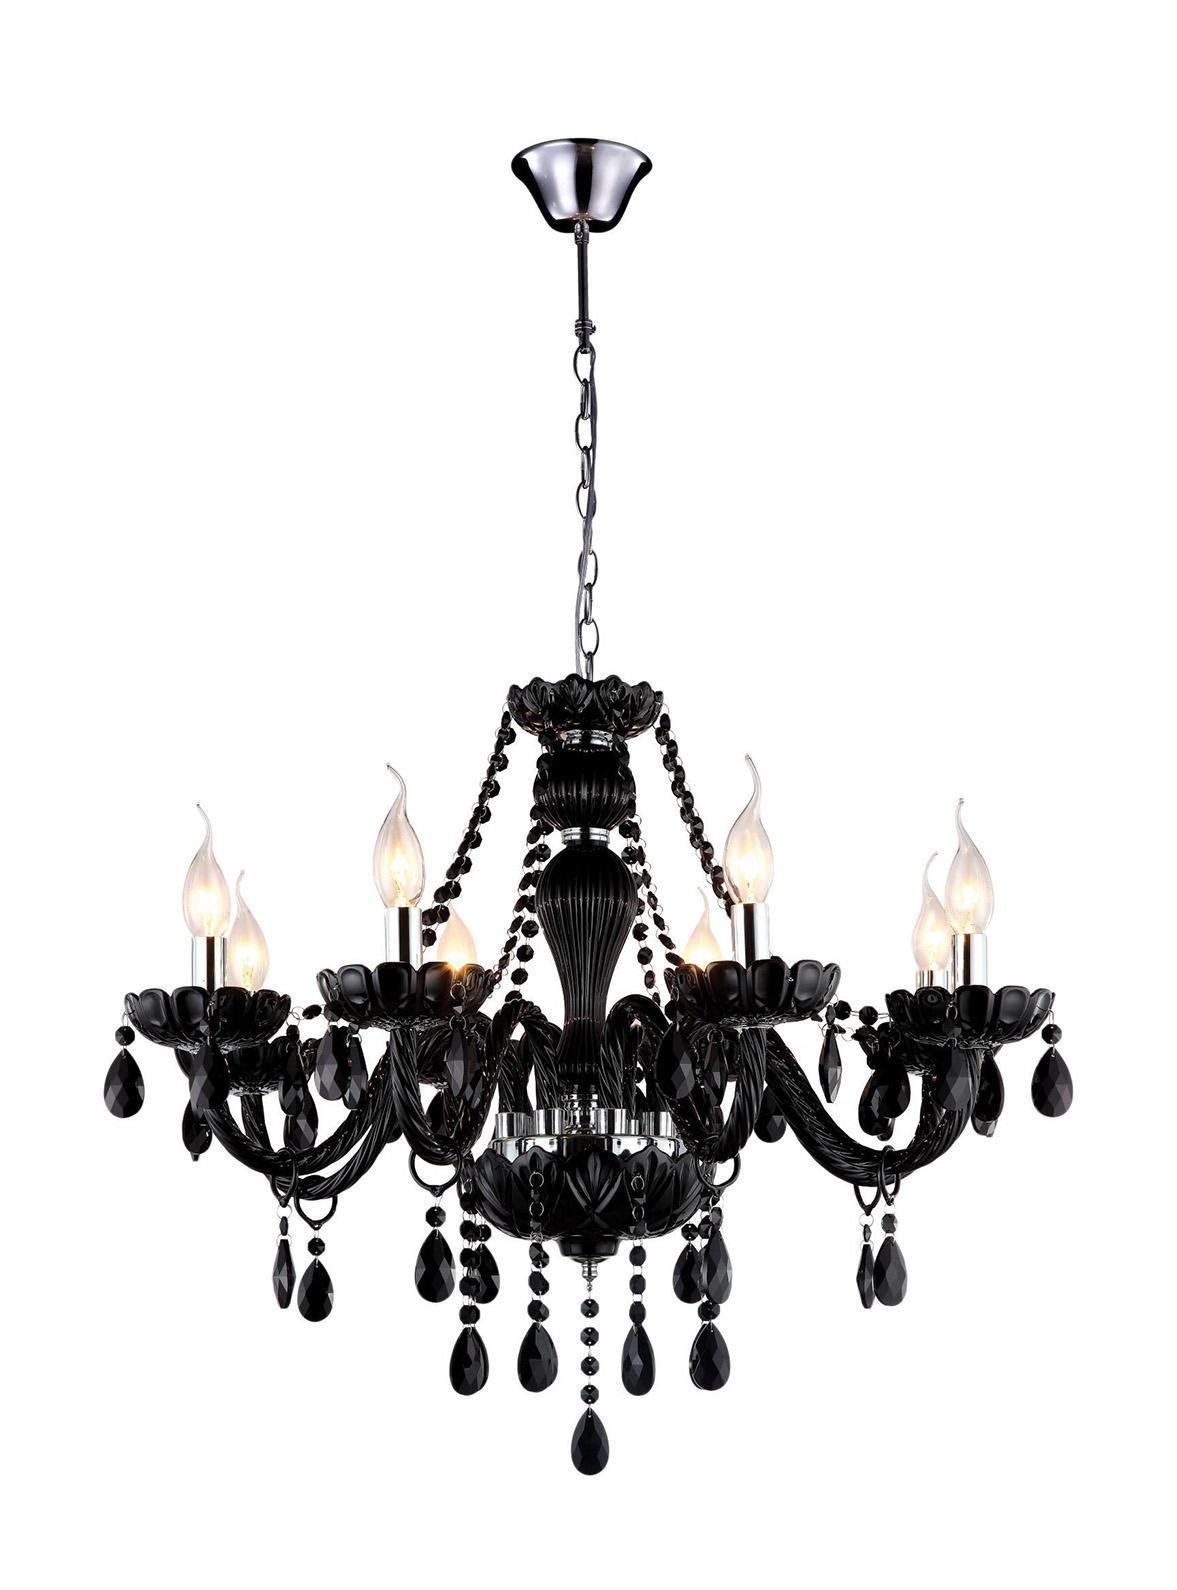 лучшая цена Люстра Arte lamp A3964lm-8bk